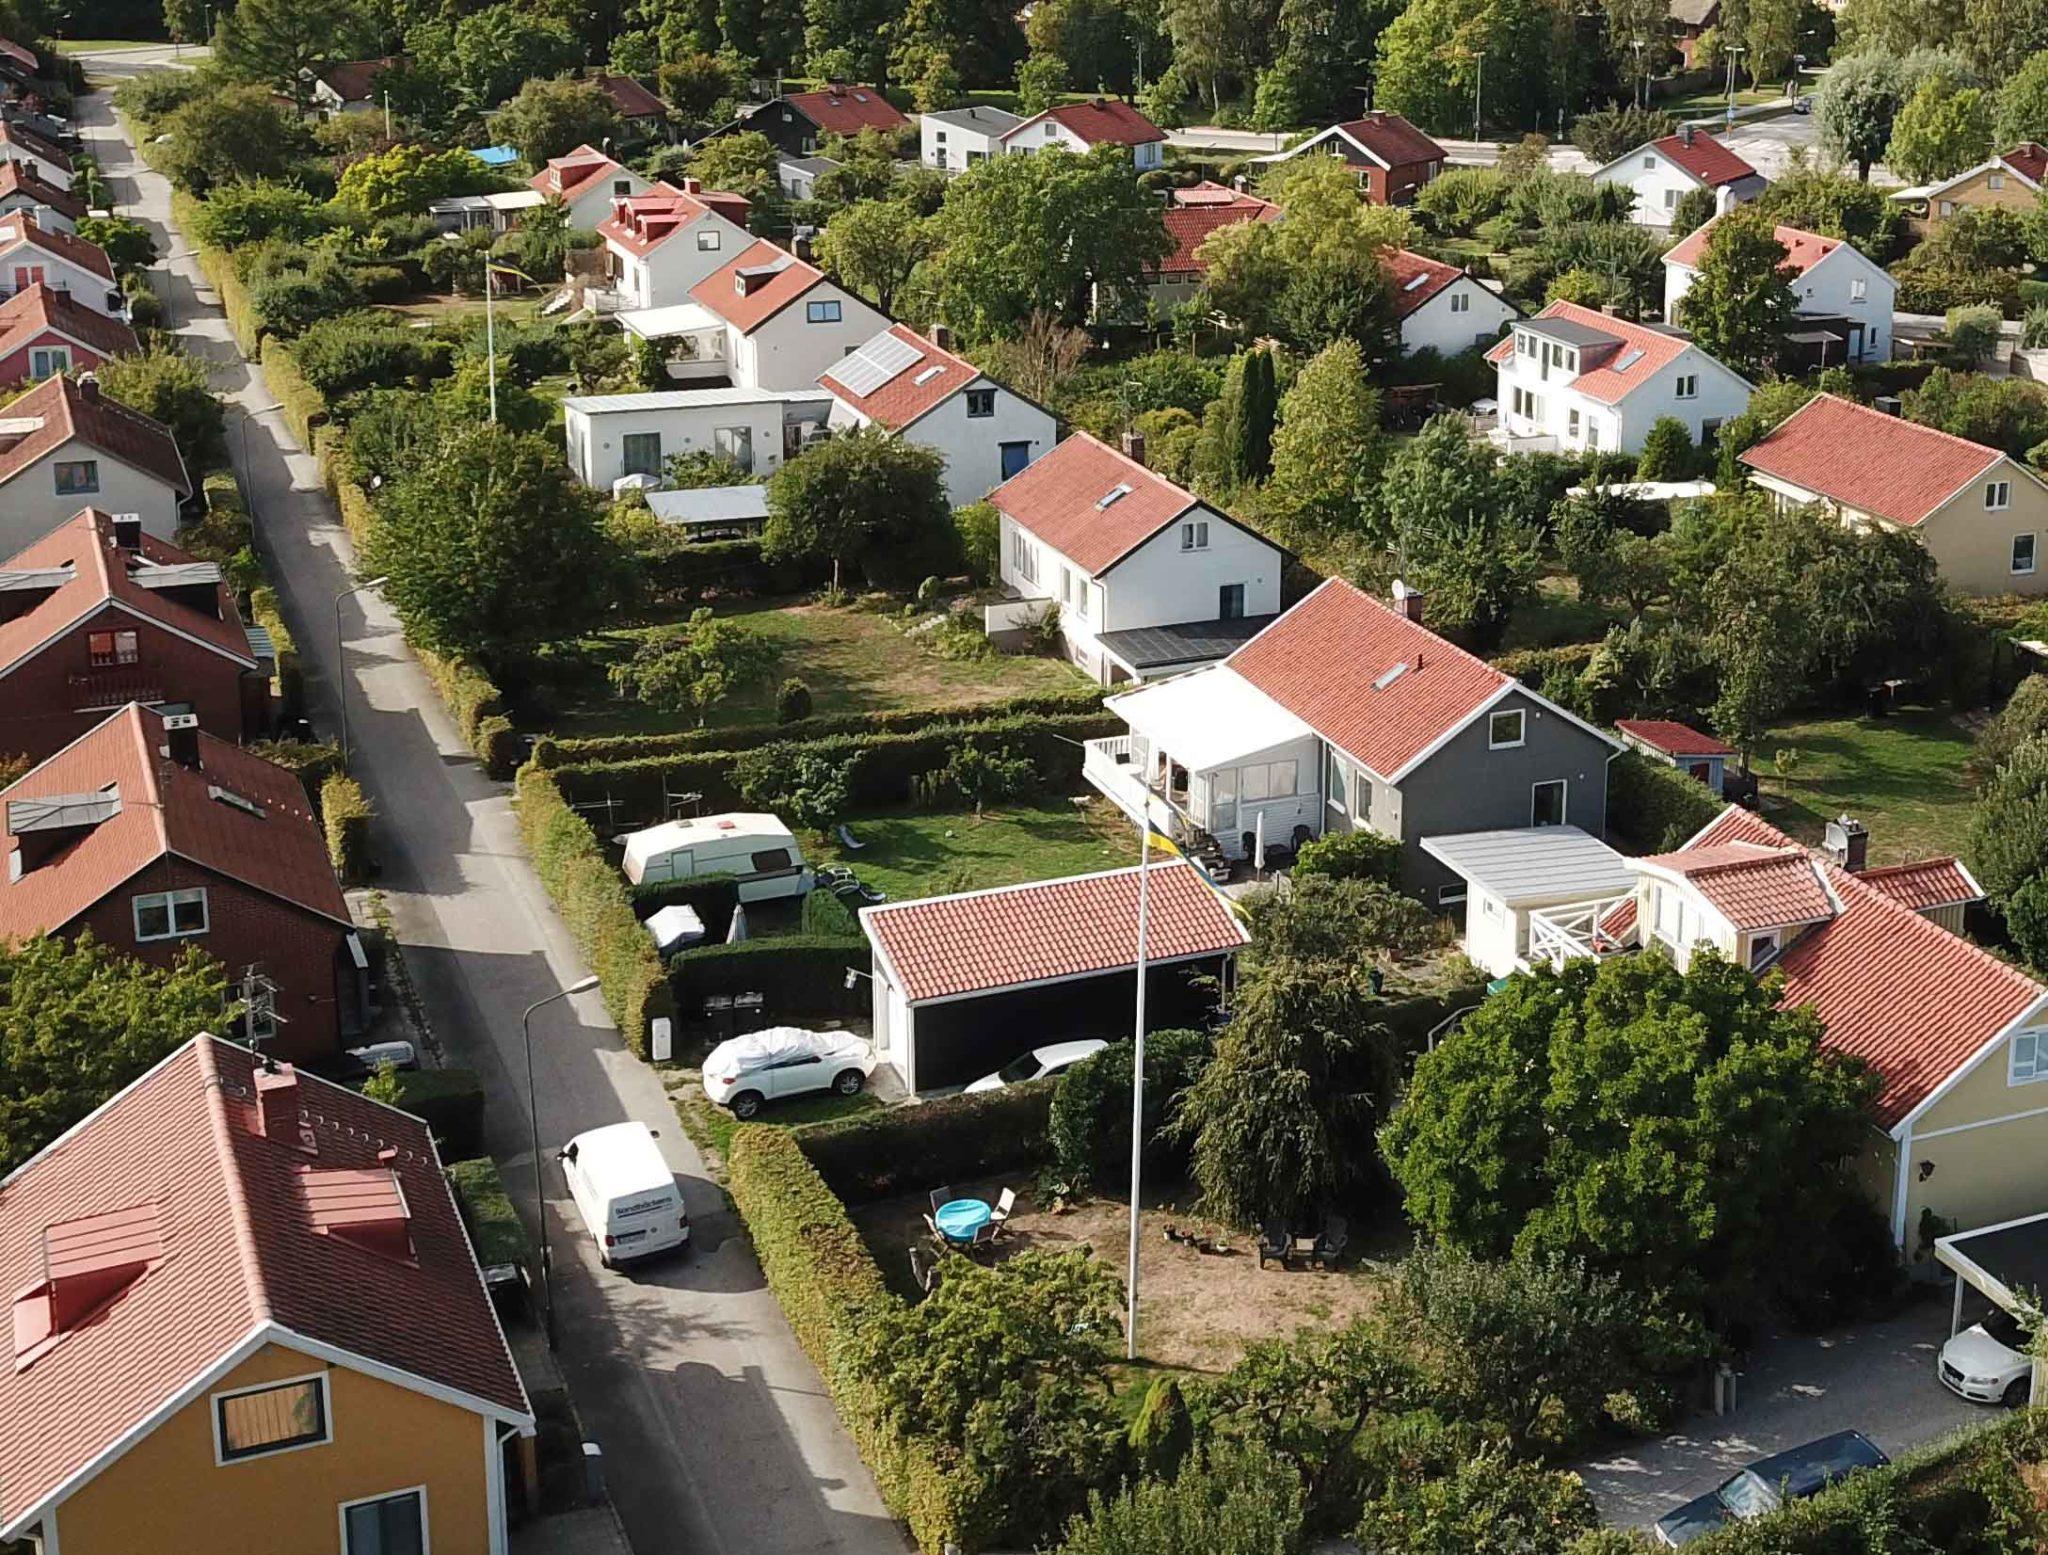 Radonbidrag - så får du pengar till en radonsanering stefgför steg